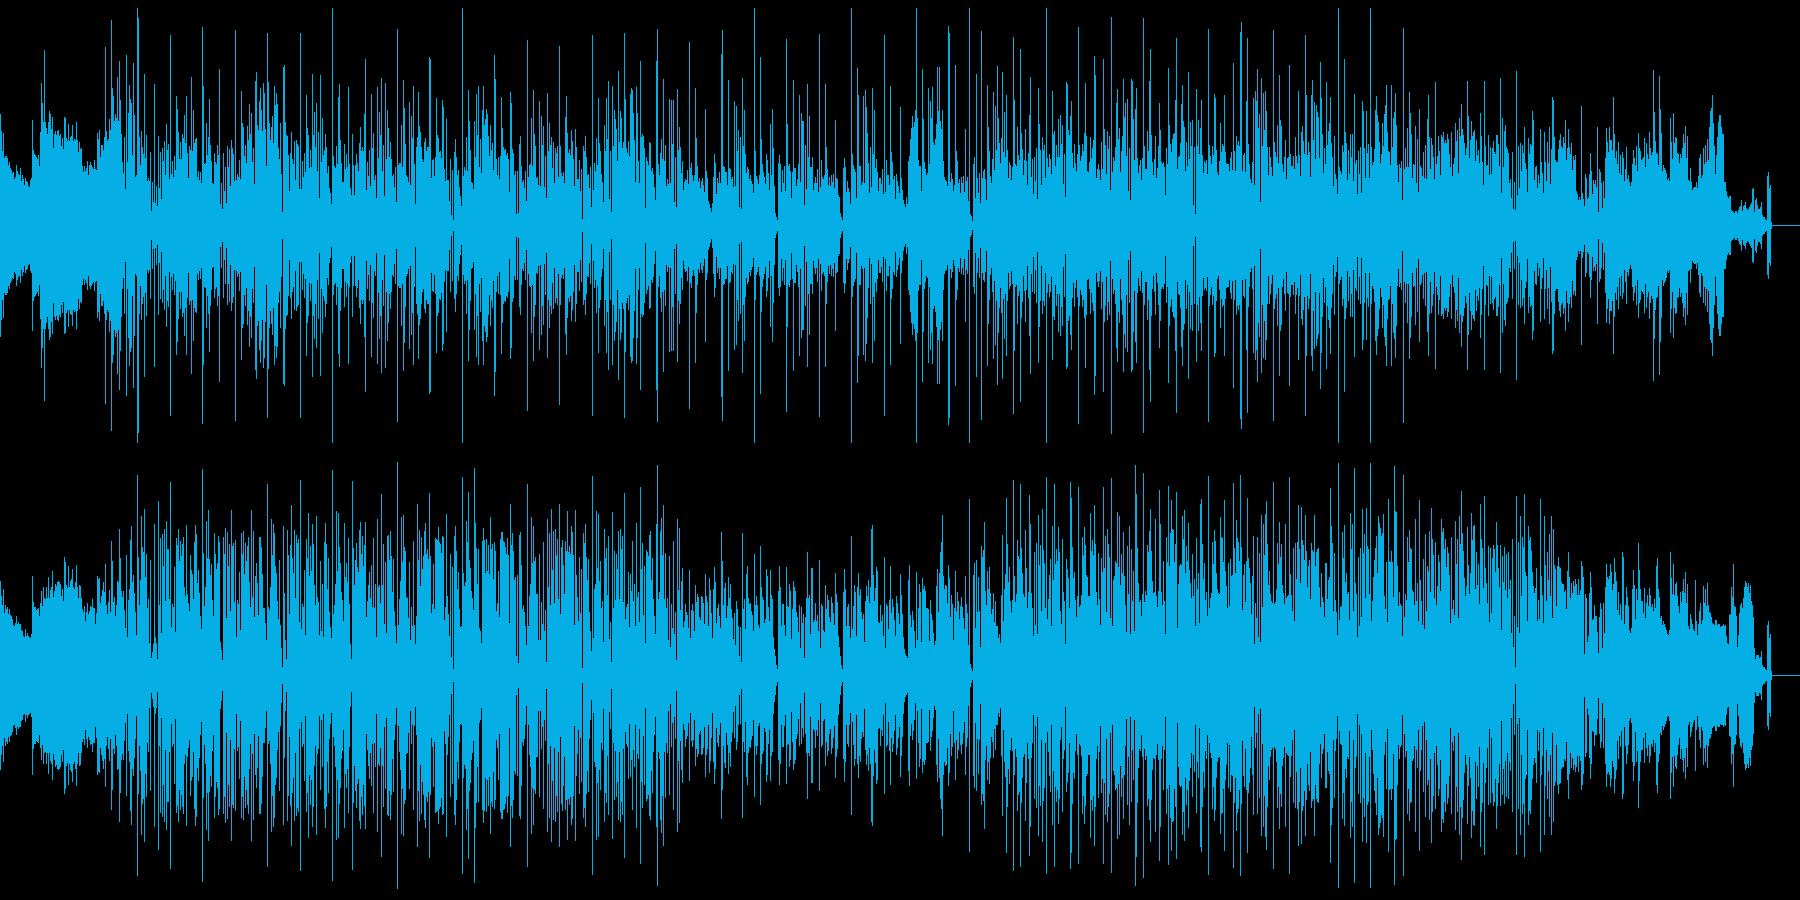 ニュースクール風のストリートヒップホップの再生済みの波形